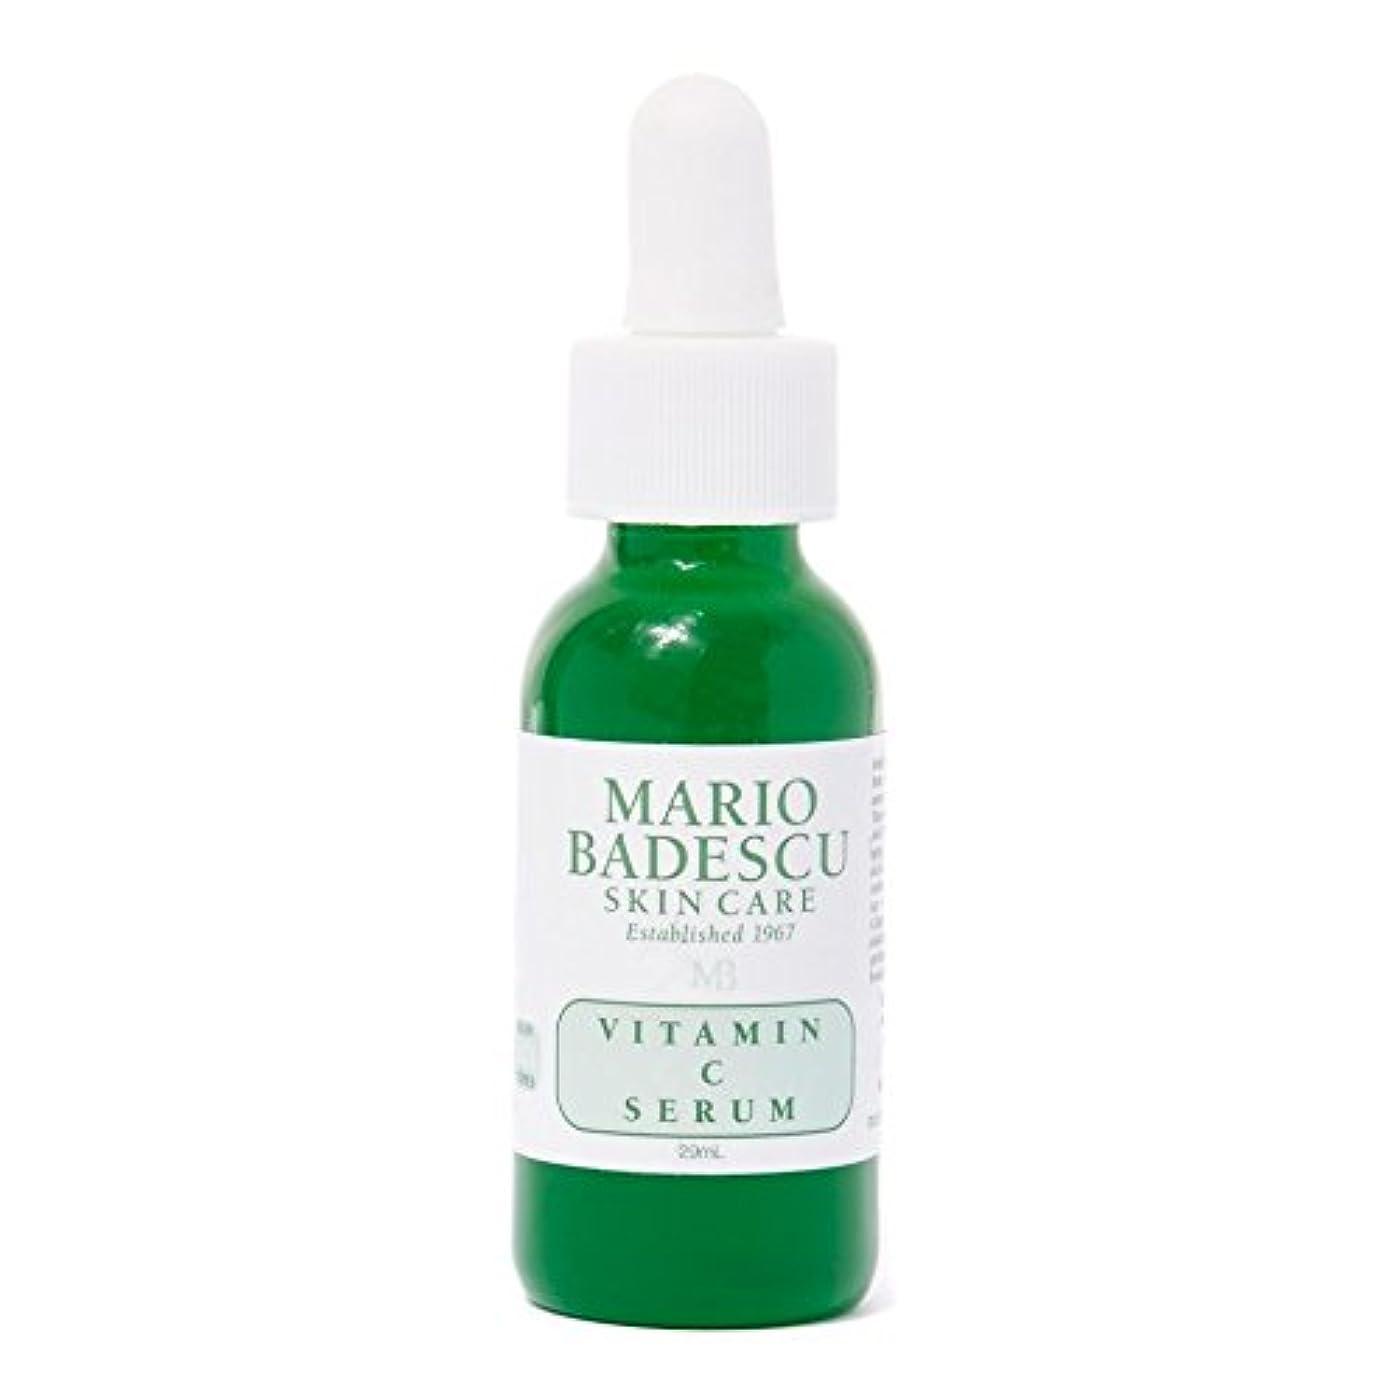 参照する同化するジャムMario Badescu Vitamin C Serum 29ml (Pack of 6) - マリオ?バデスキュービタミンの血清29ミリリットル x6 [並行輸入品]